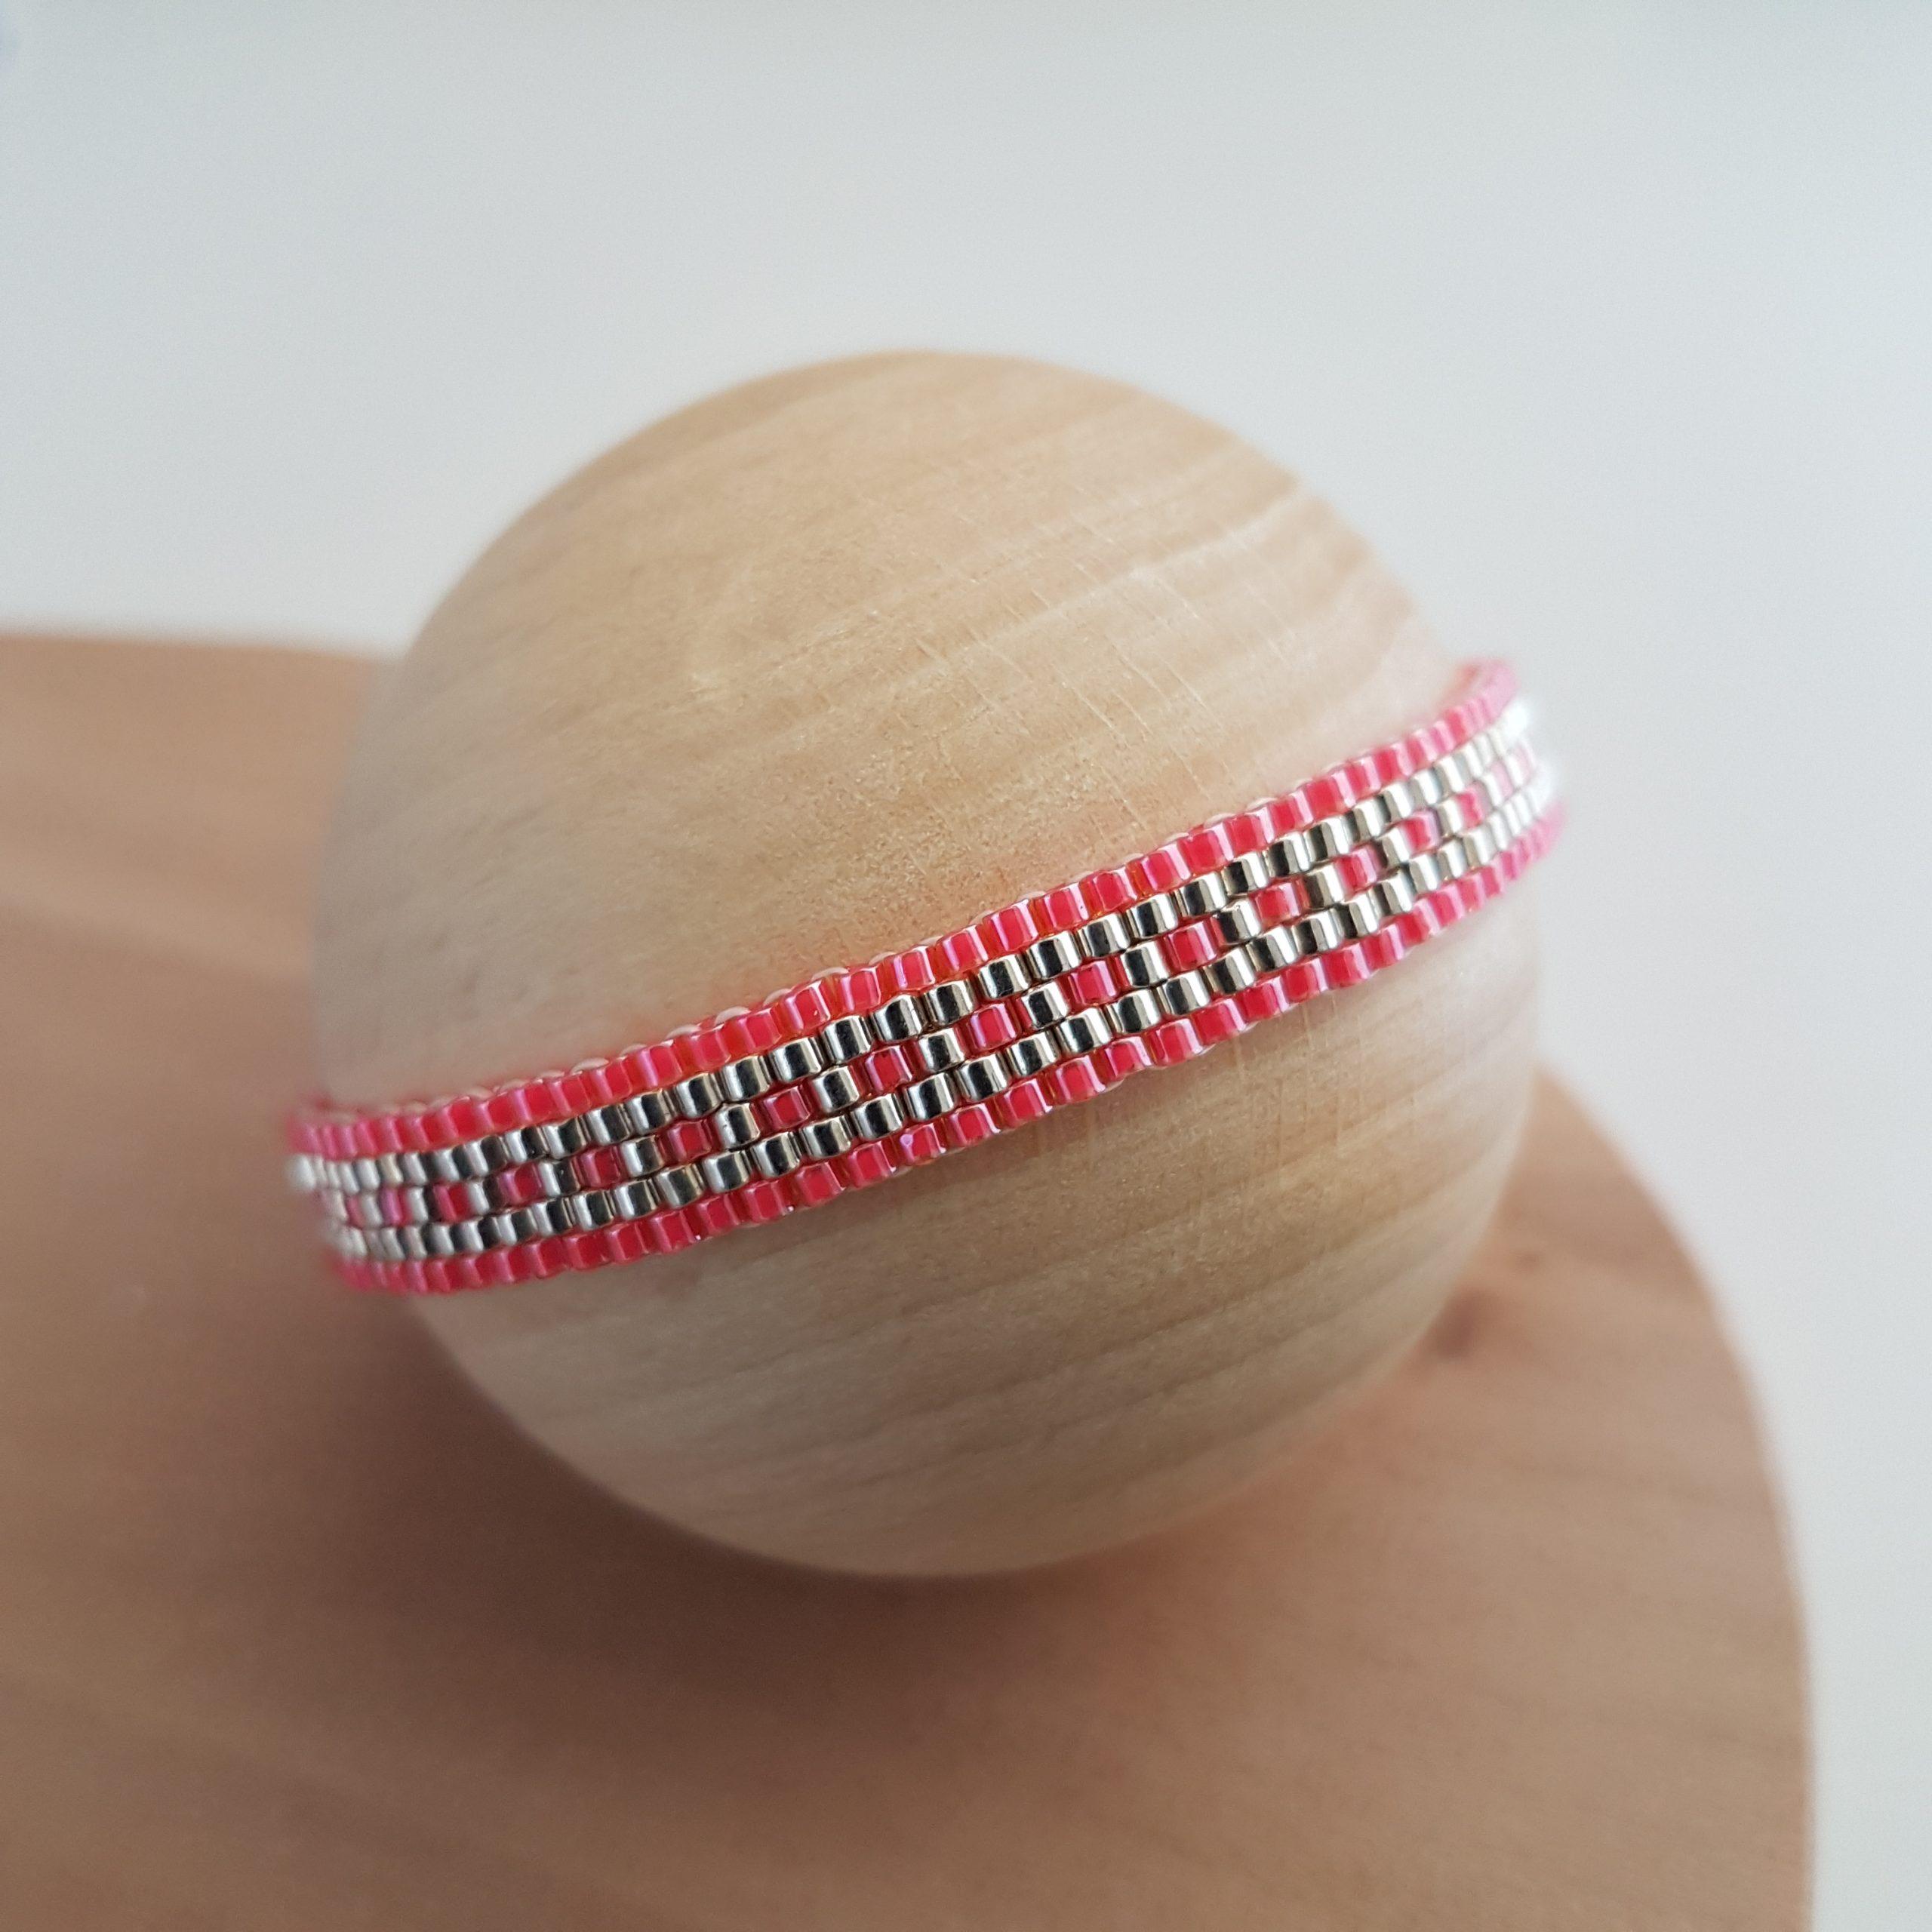 Cadeau femme Bijou artisanal lyon Bracelet Les cumulables corail argent 925 miyuki